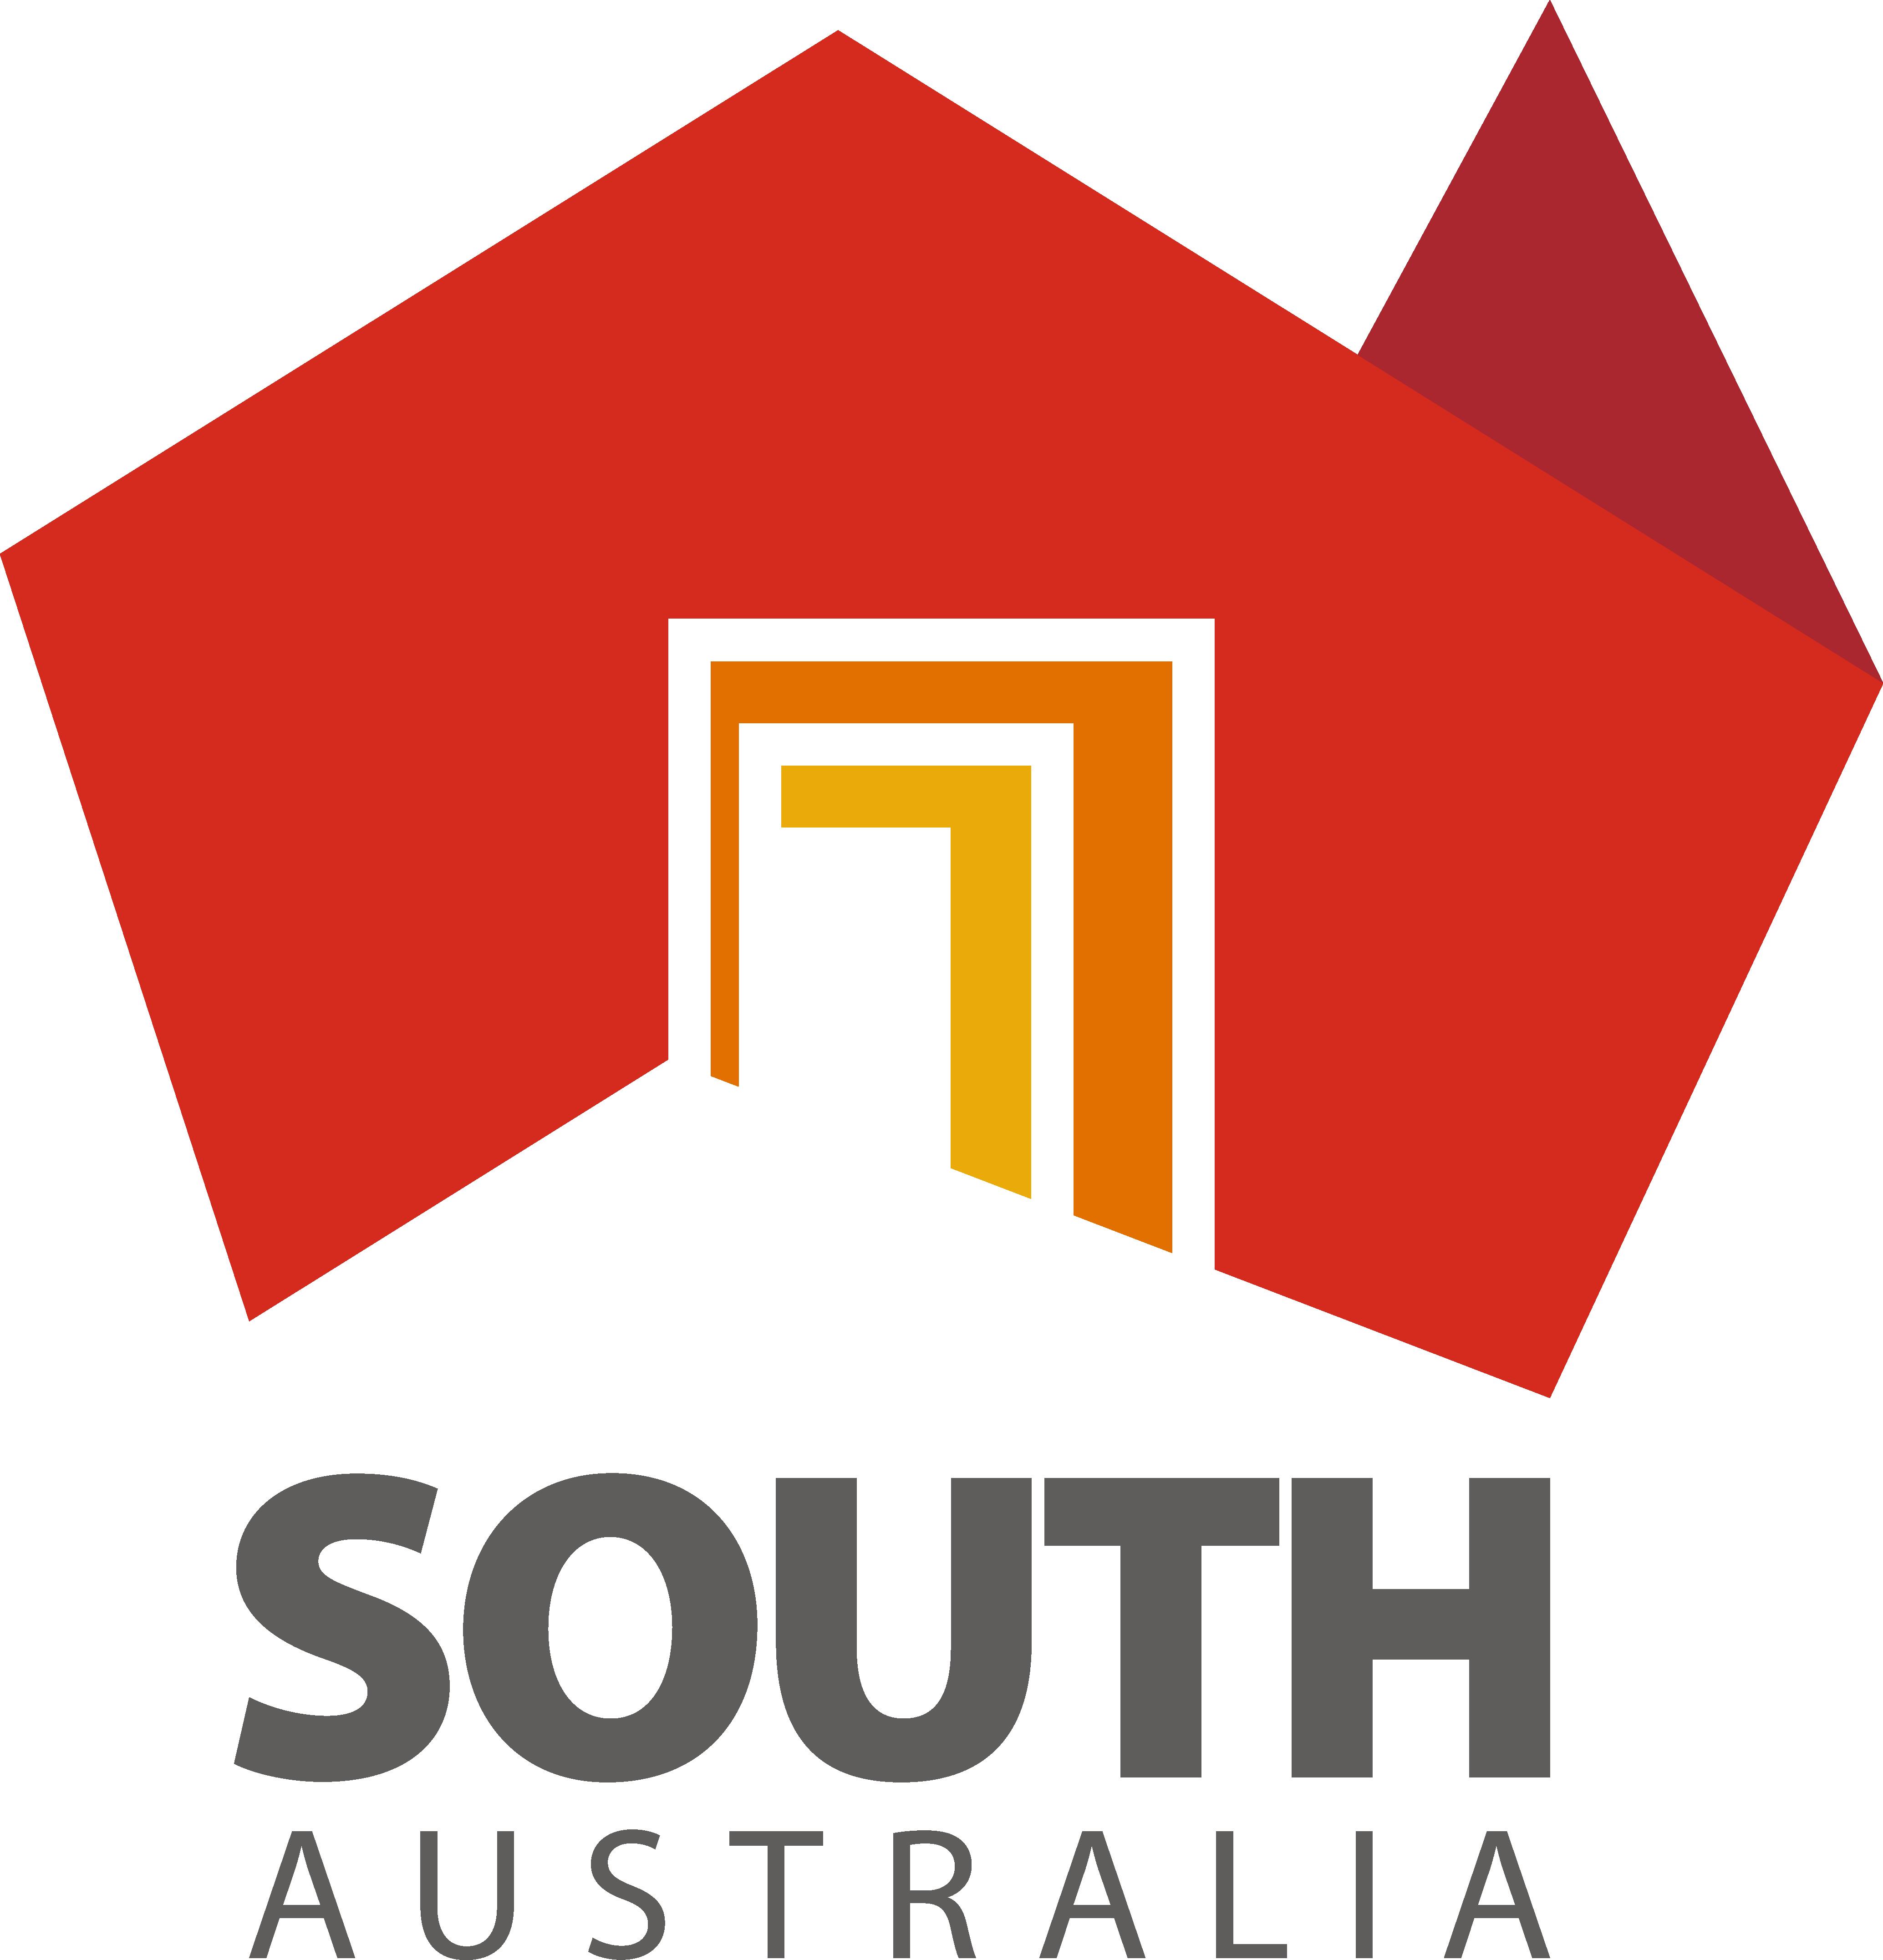 SSC Australia